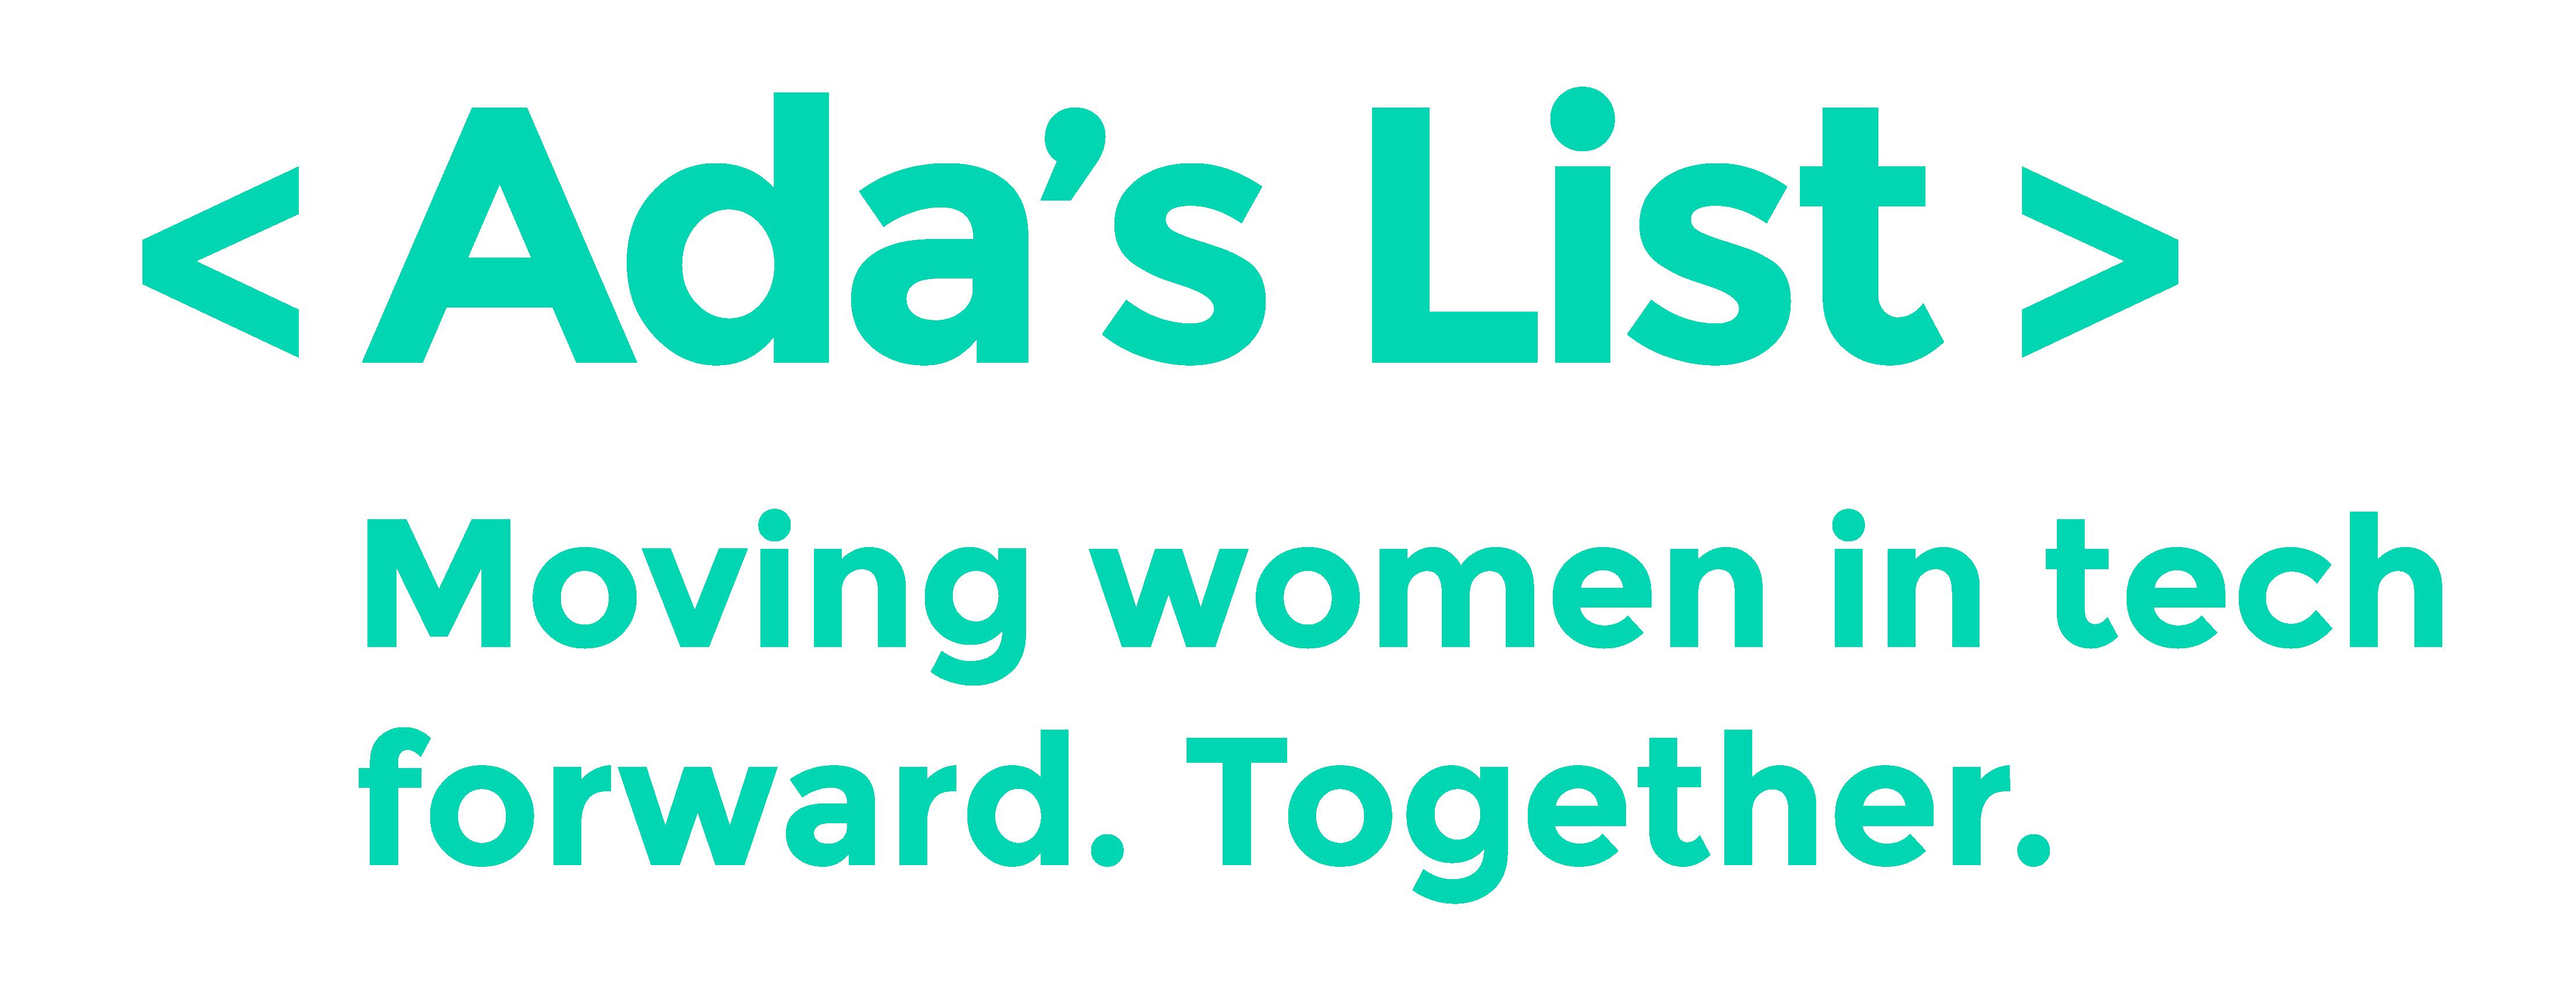 home tech women network partner organizations